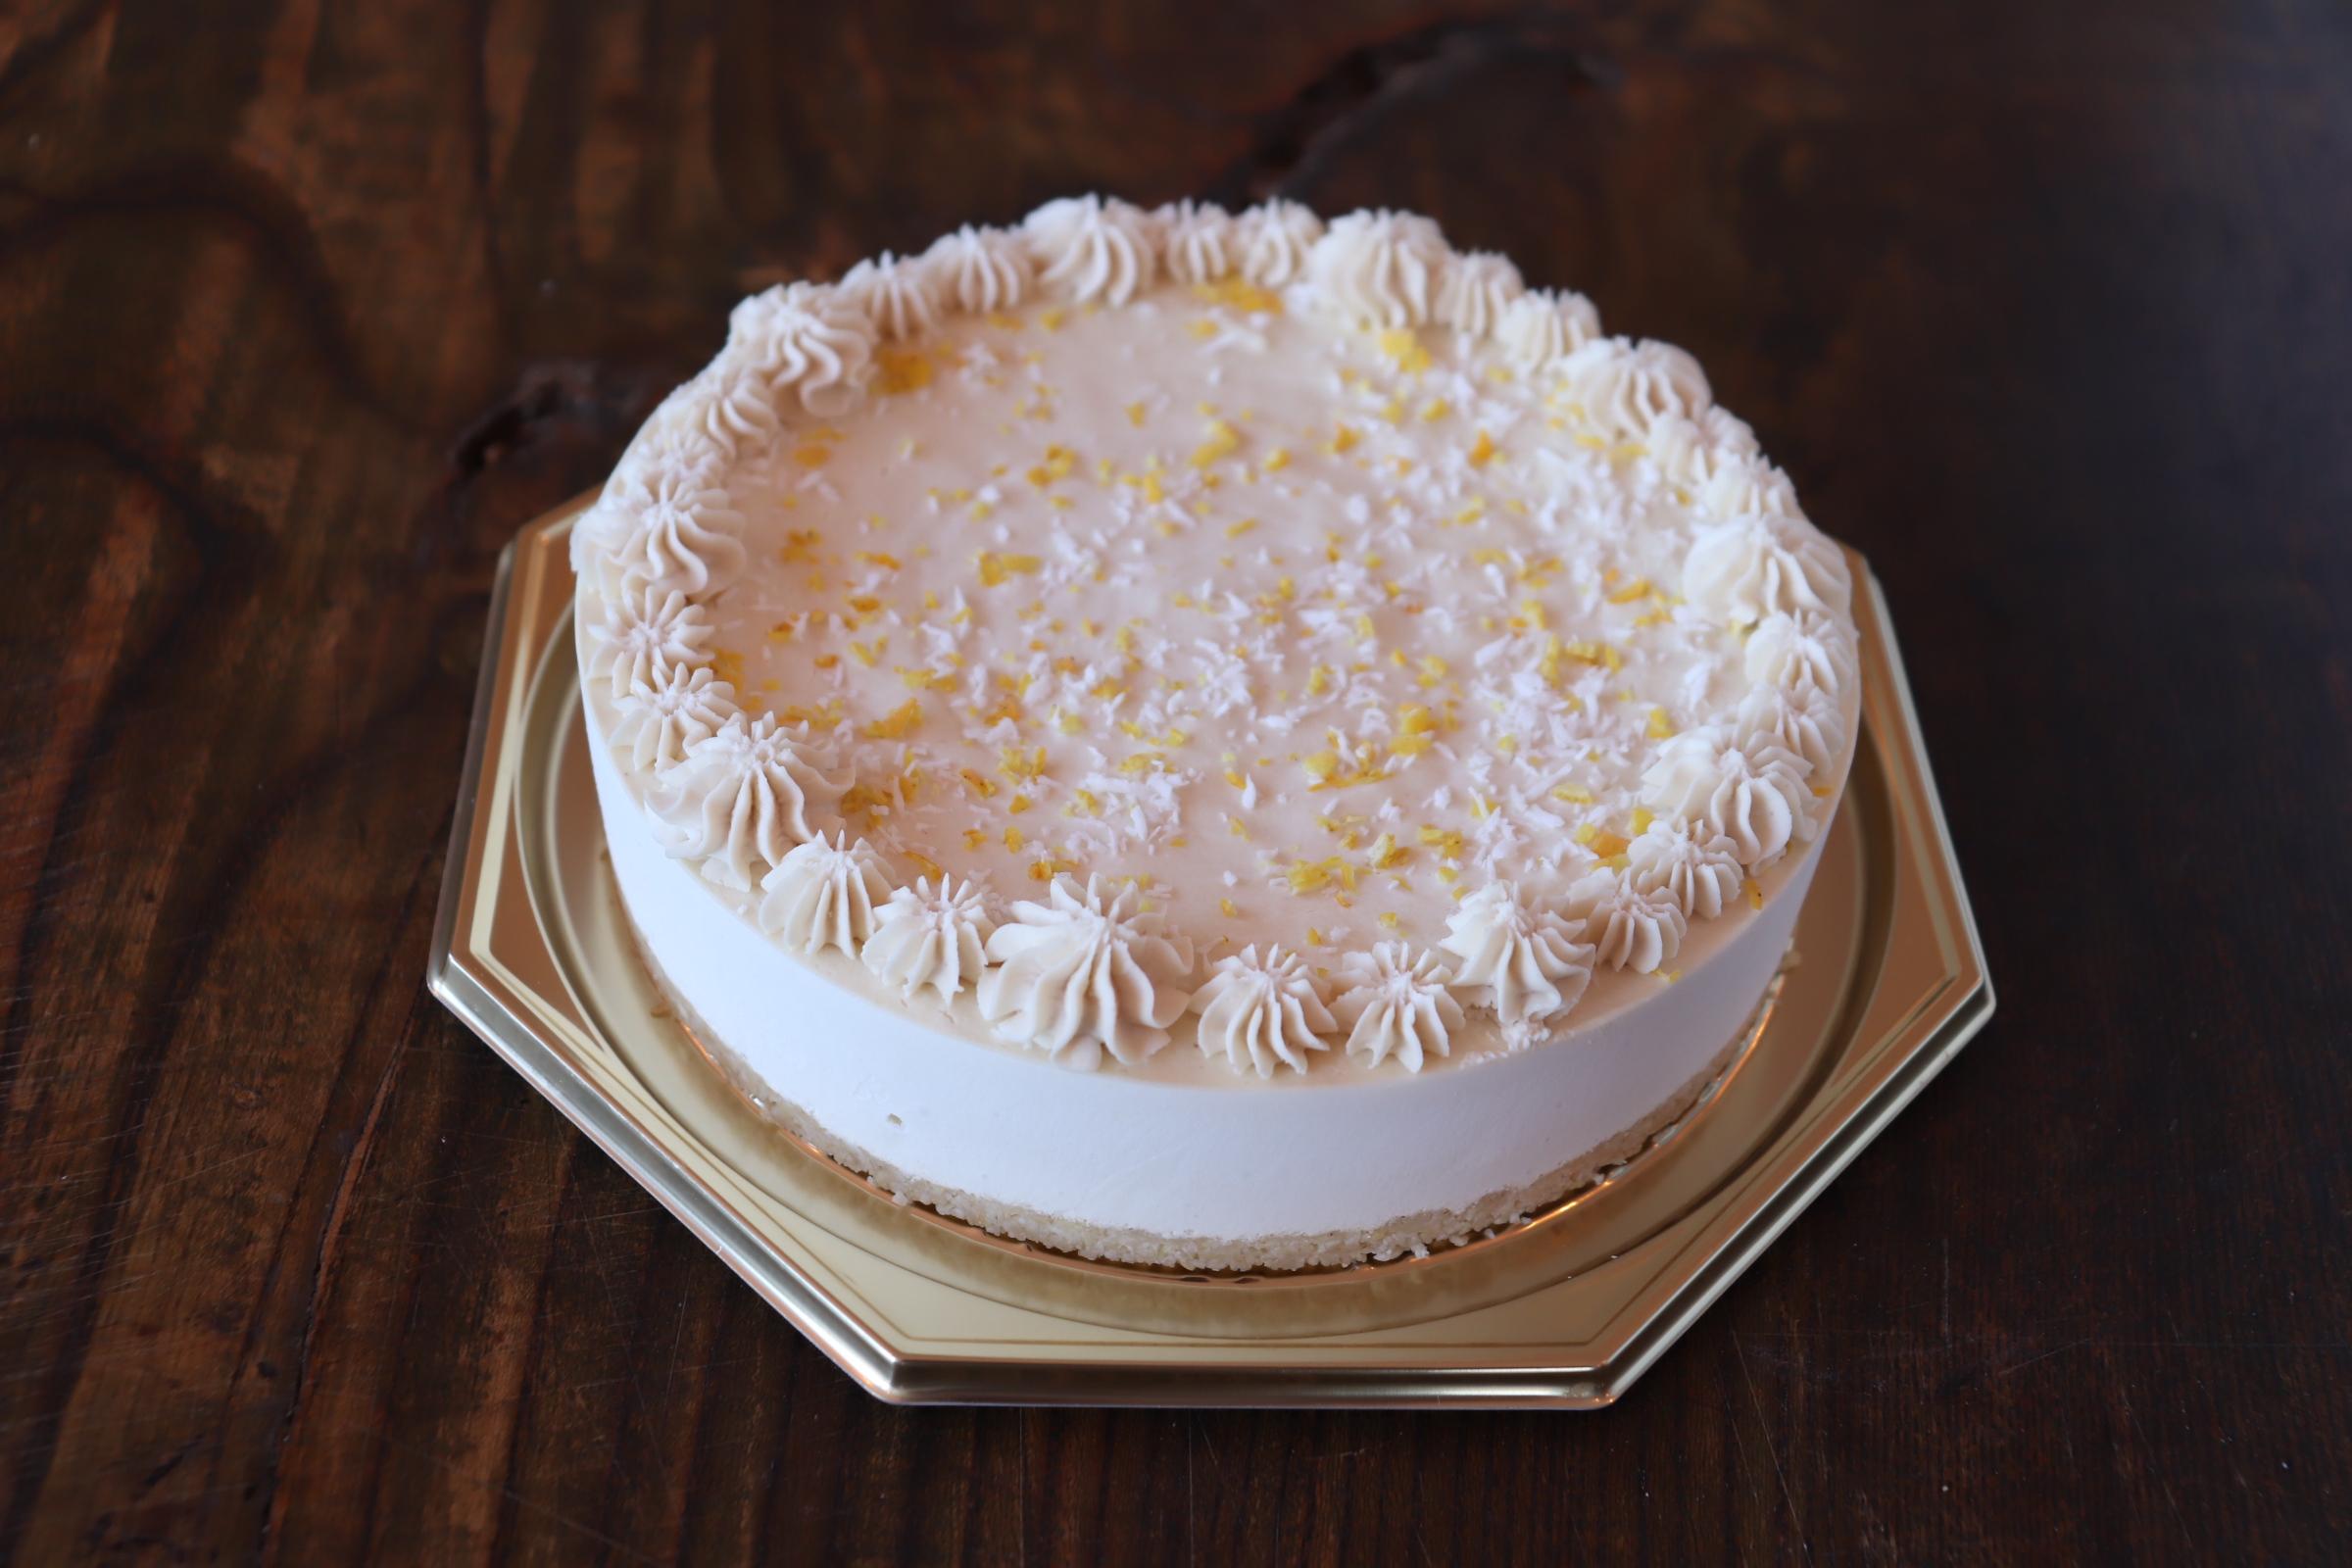 レモンの季節限定 RAWレモンケーキ